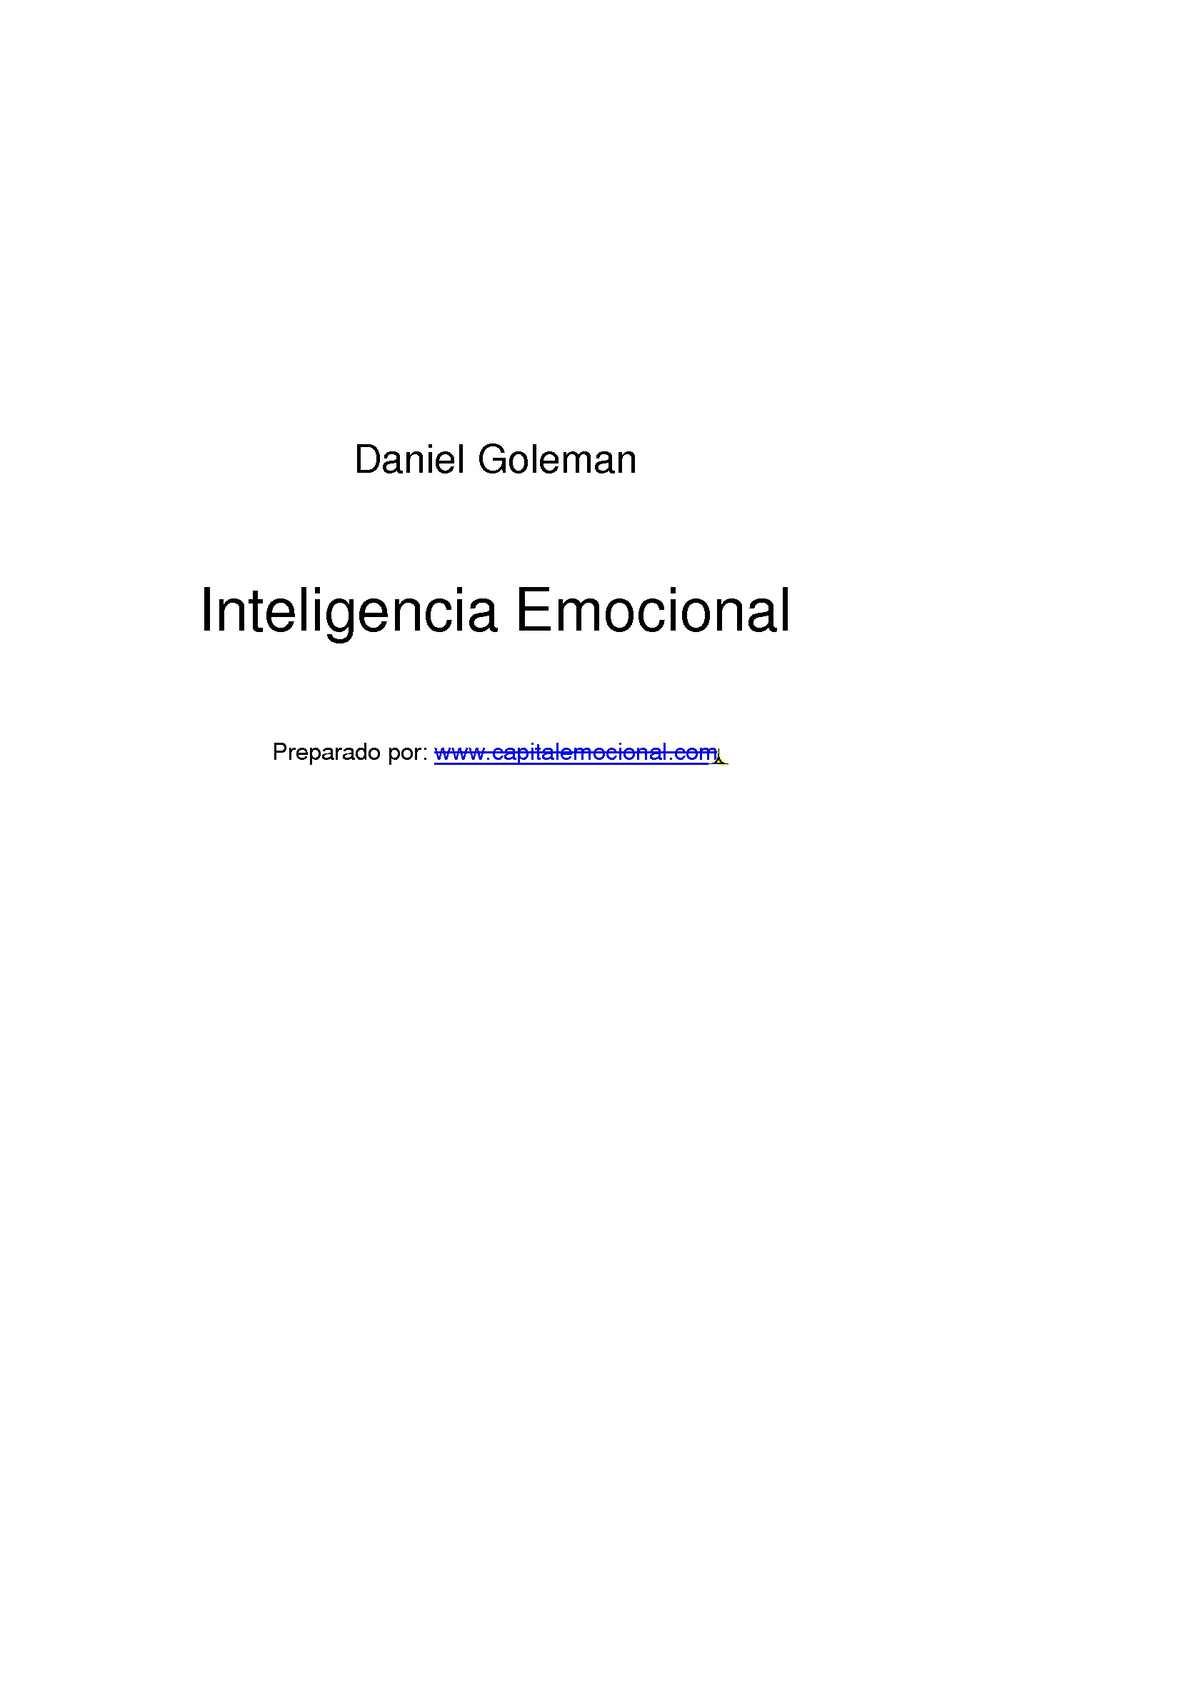 Calaméo - Inteligencia Emocional